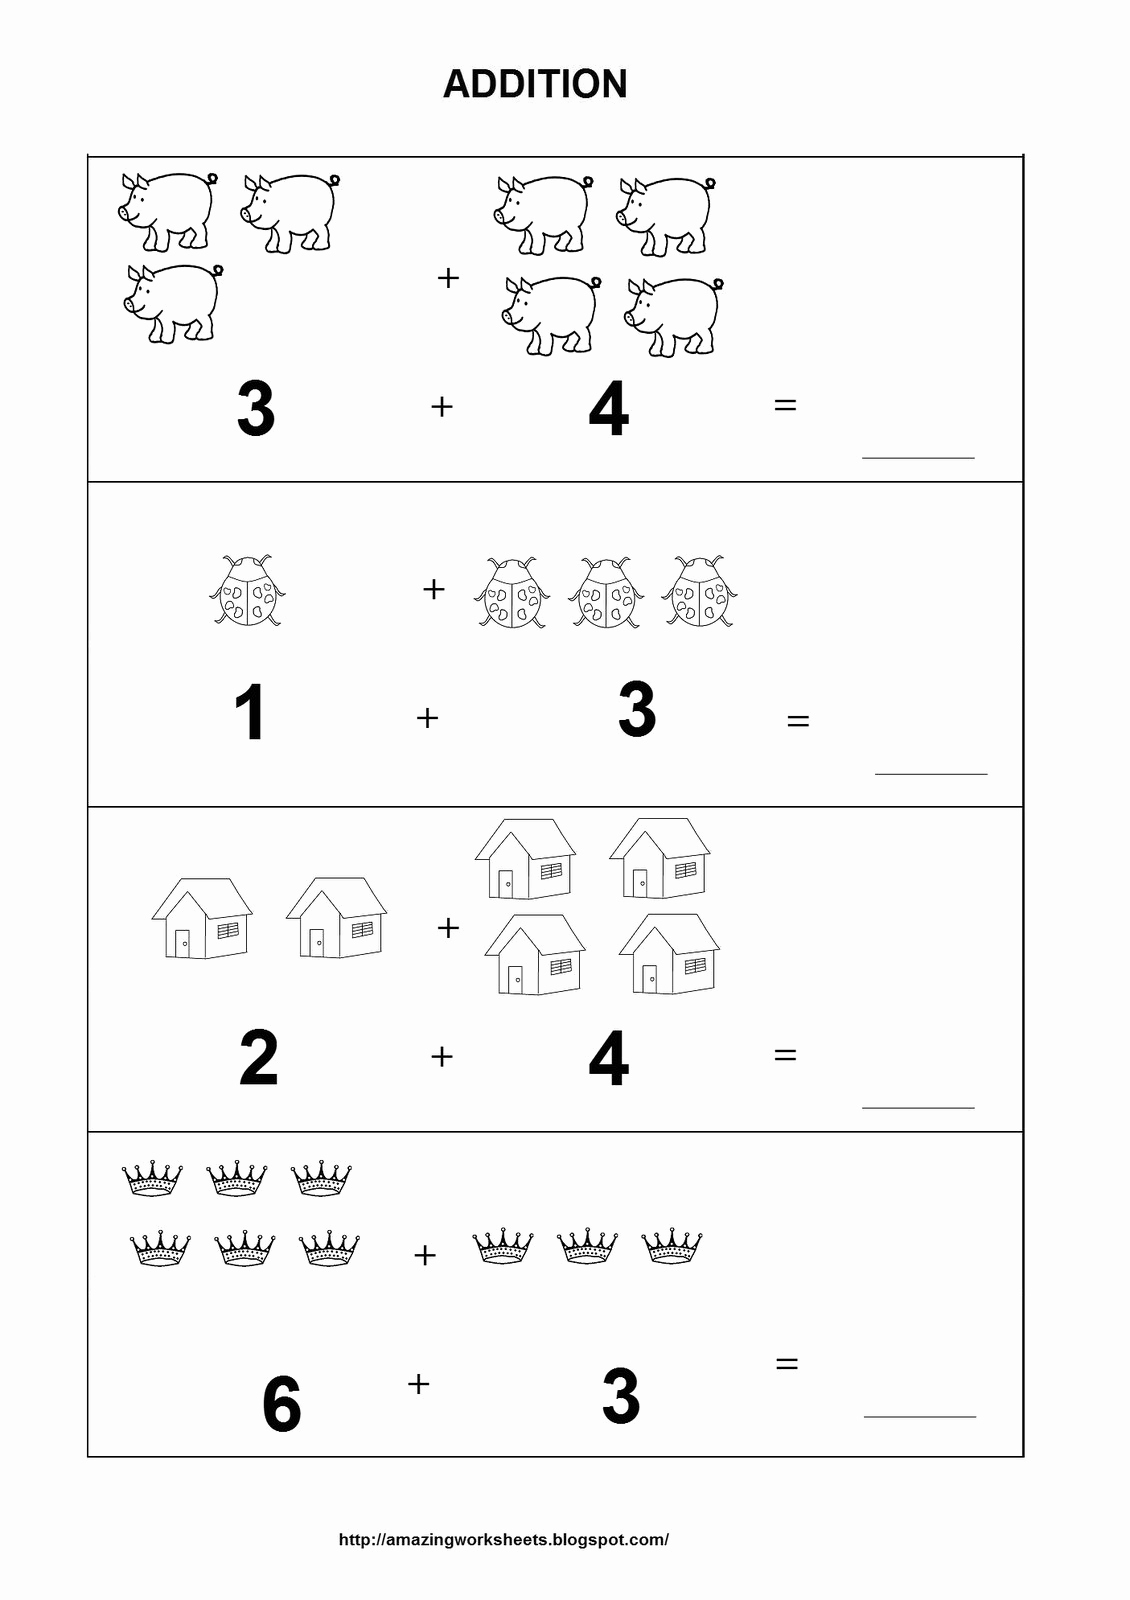 Kindergarten Math Worksheet Pdf Luxury Kindergarten Math Addition Practice Worksheet